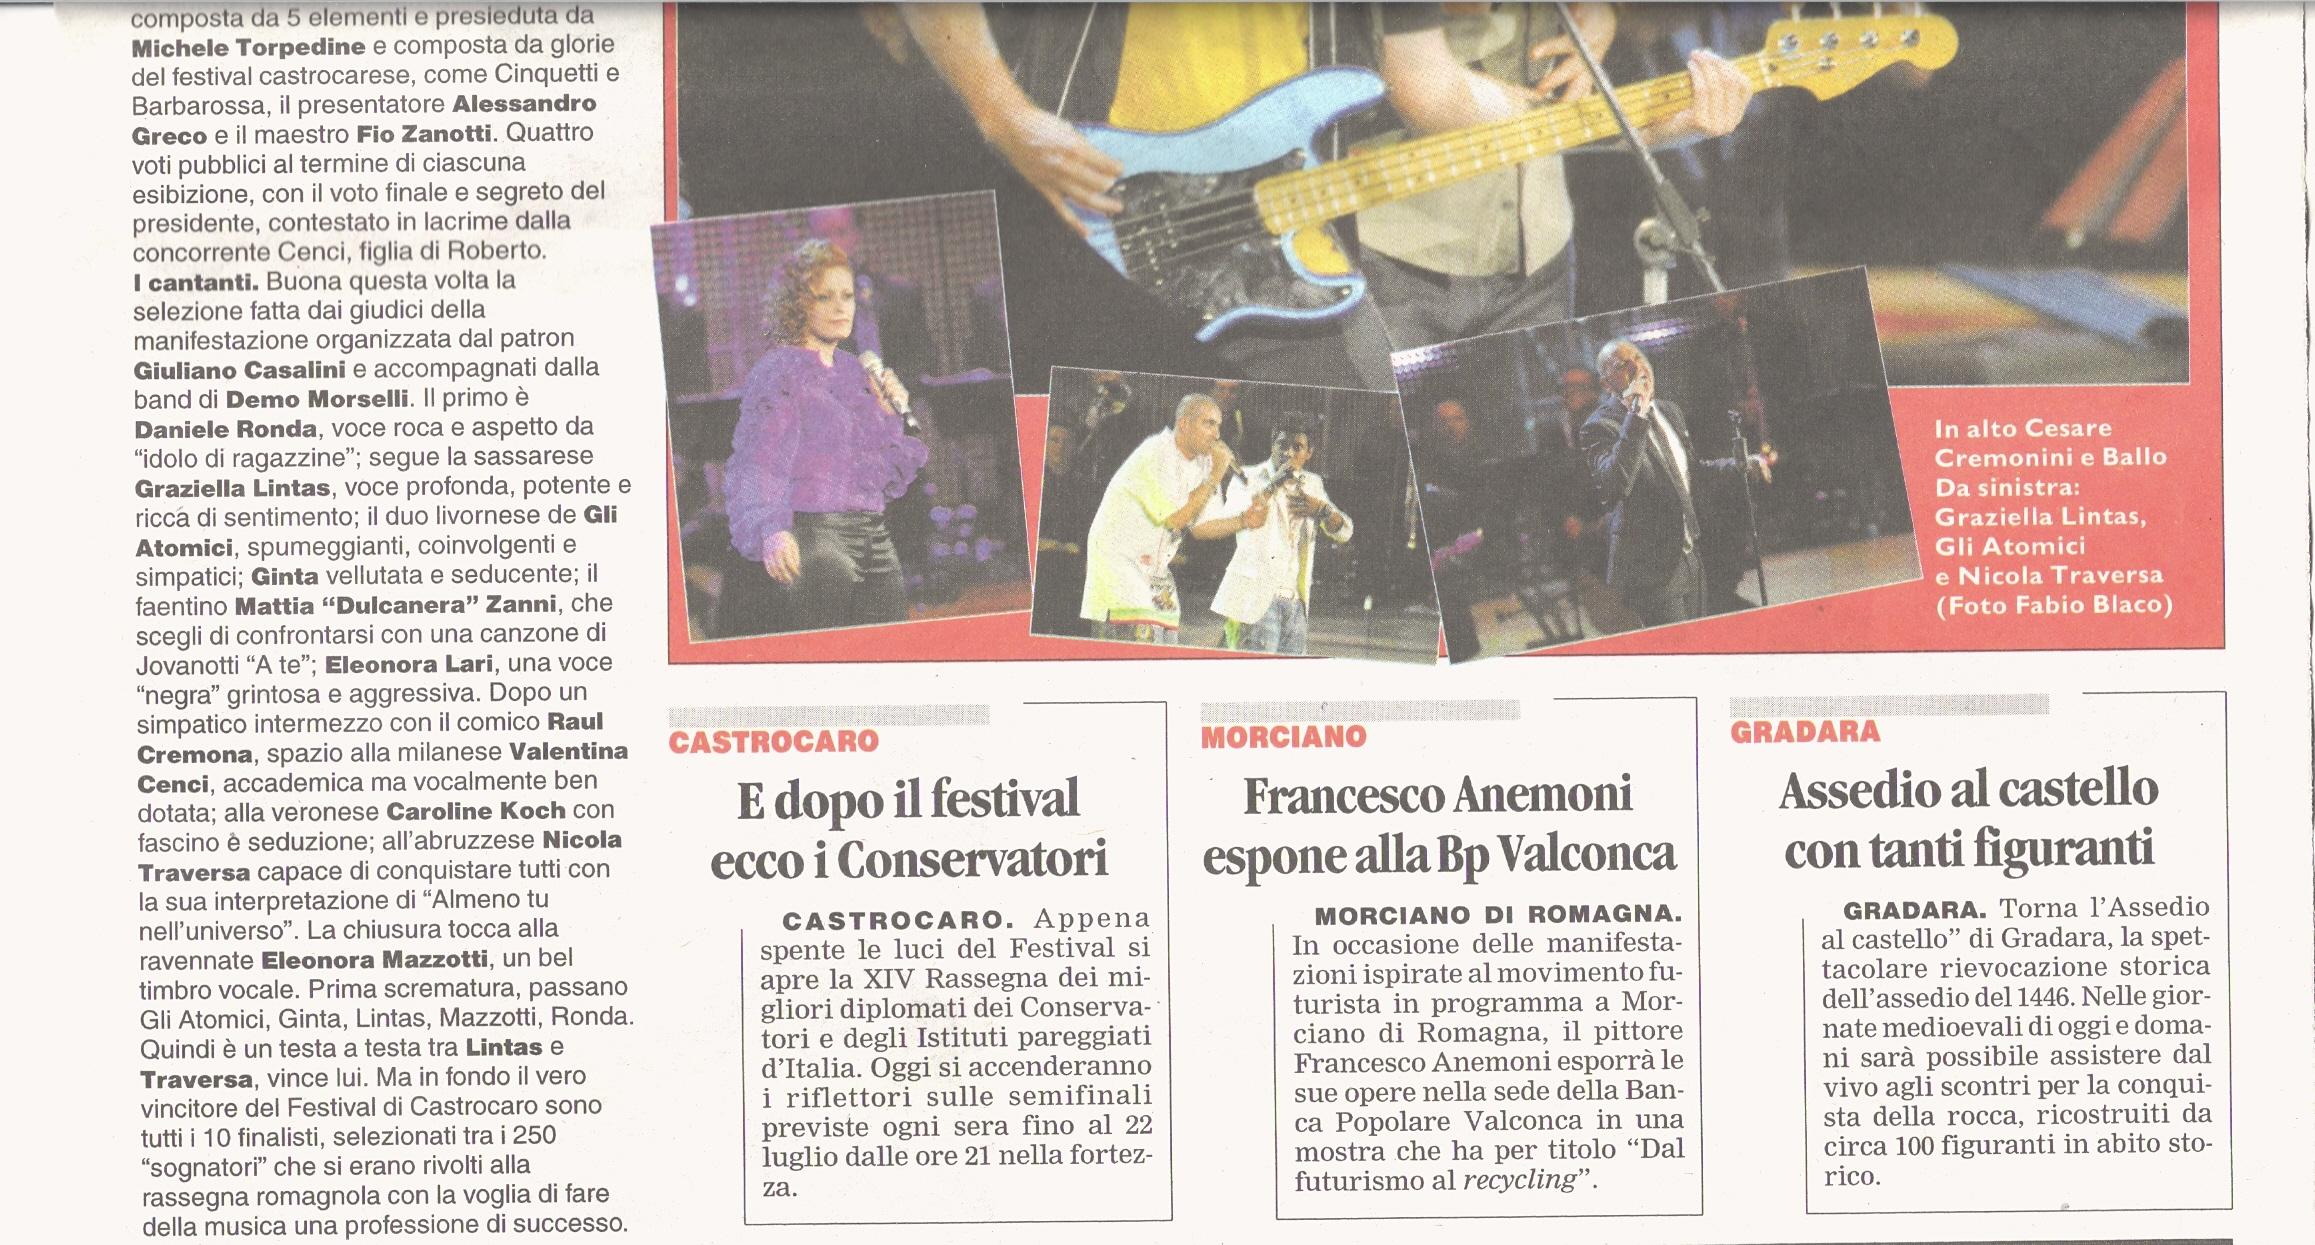 Corriere di Romagna, Fc, 17_07_2010 3